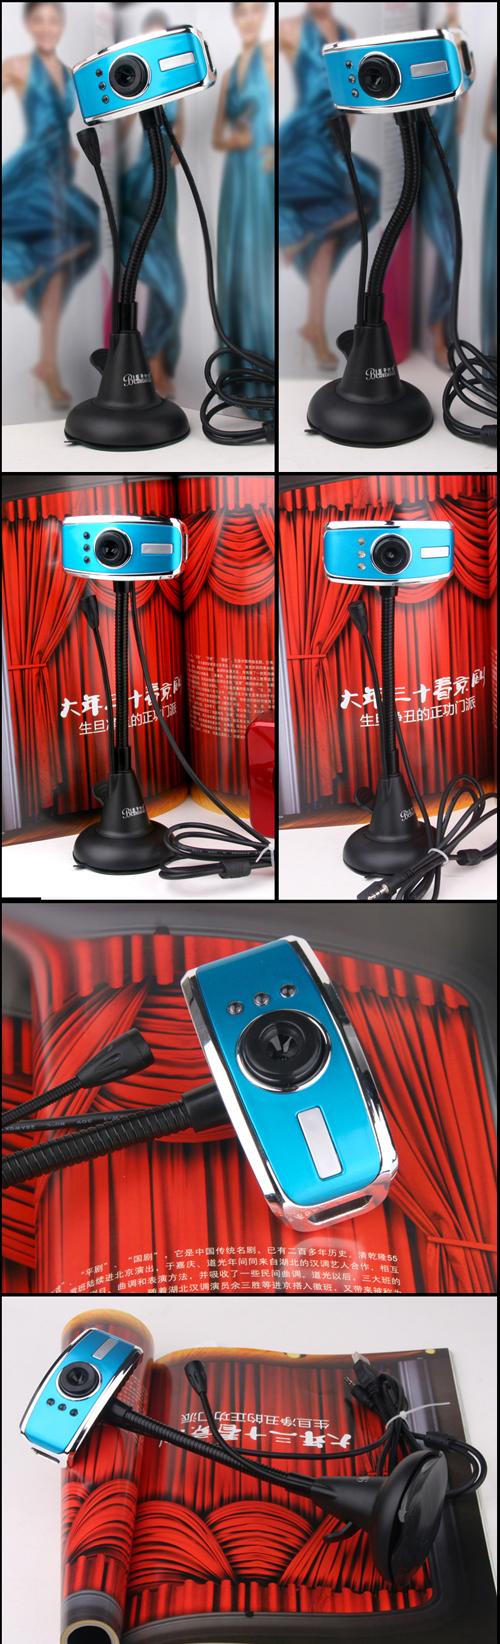 蓝色妖姬T91再续辉煌,经典摄像头新升级